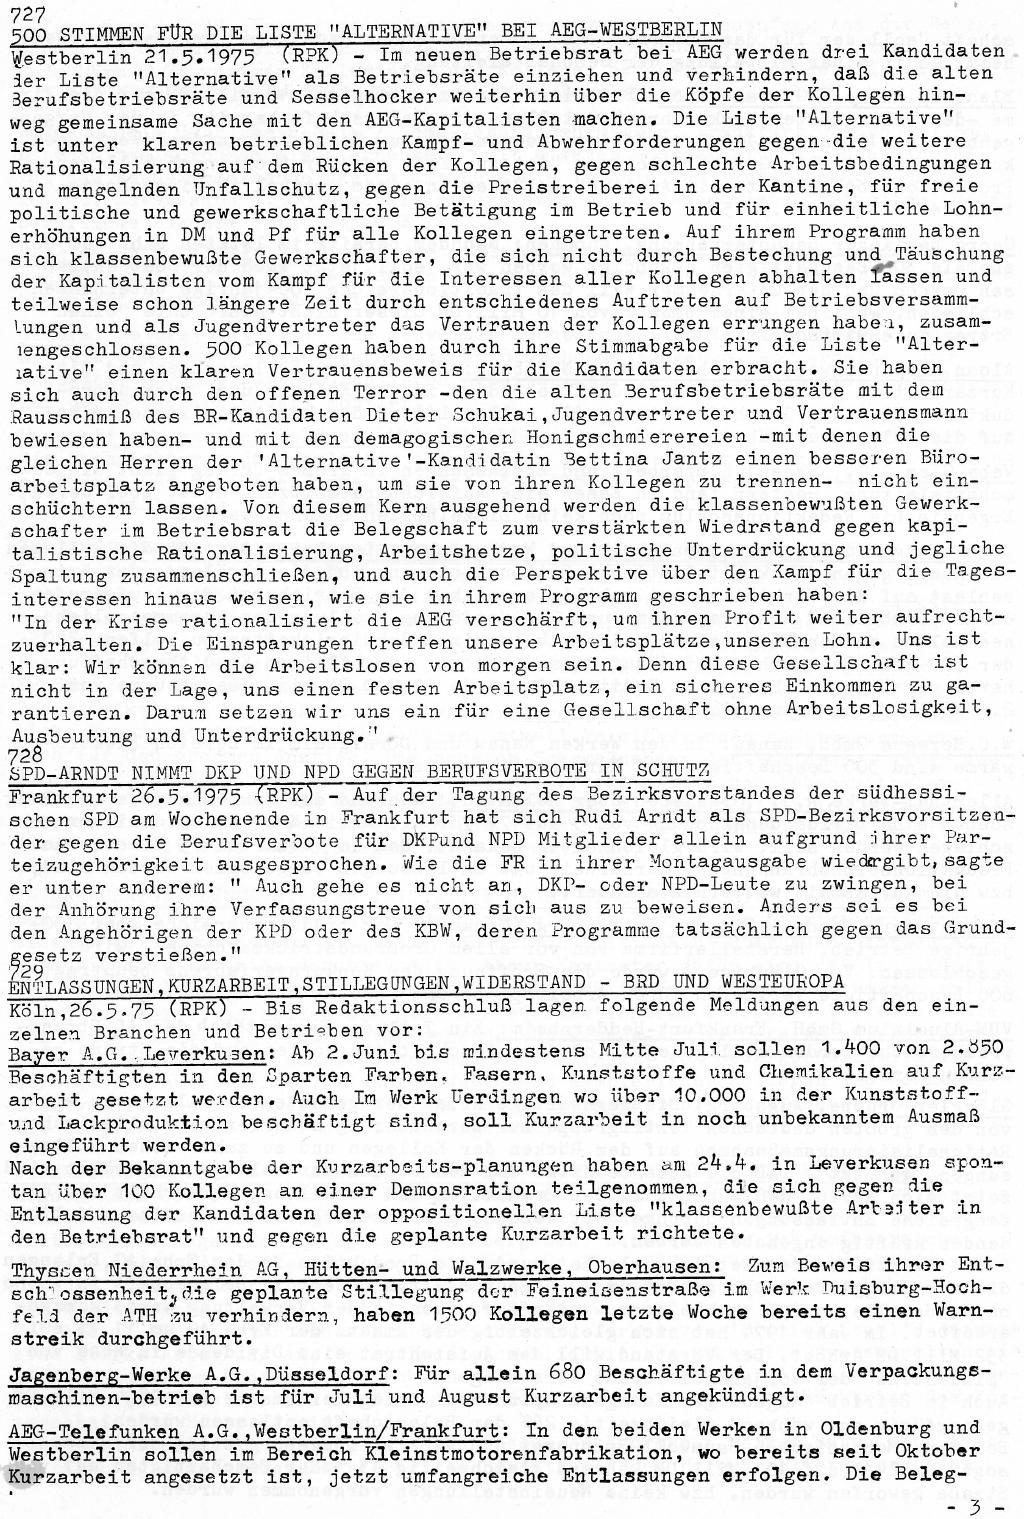 RPK_Pressedienst_1975_27_03